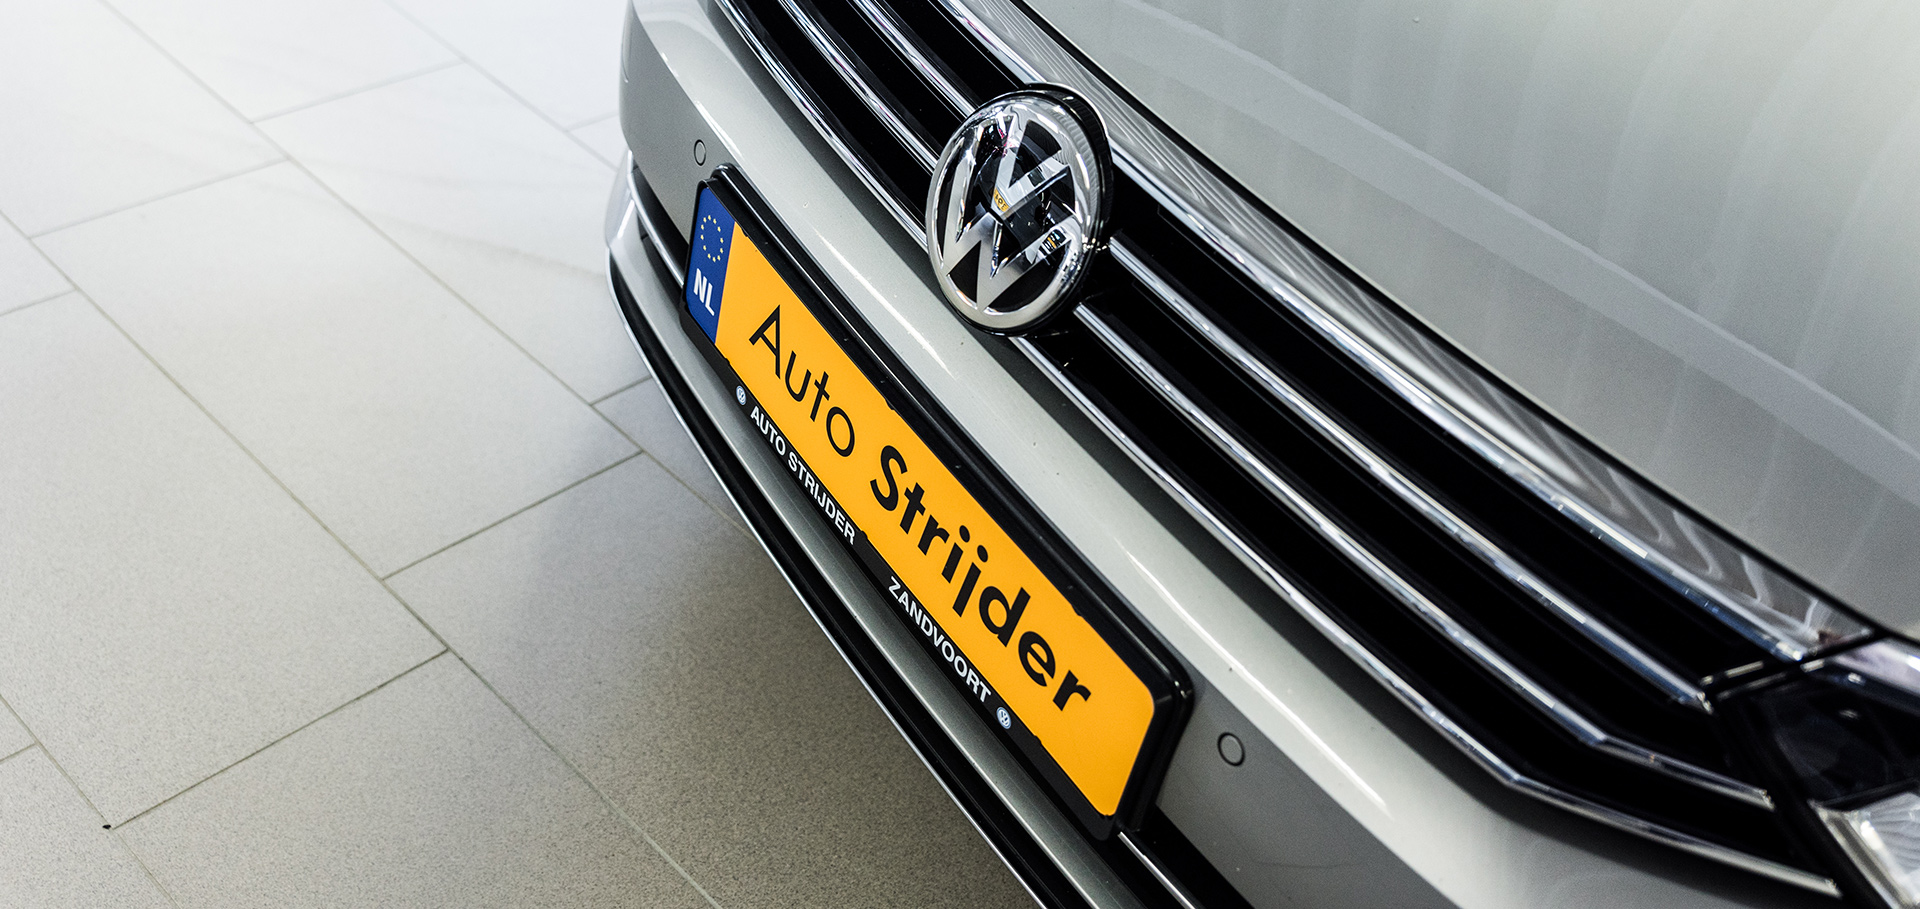 Auto kopen Zandvoort